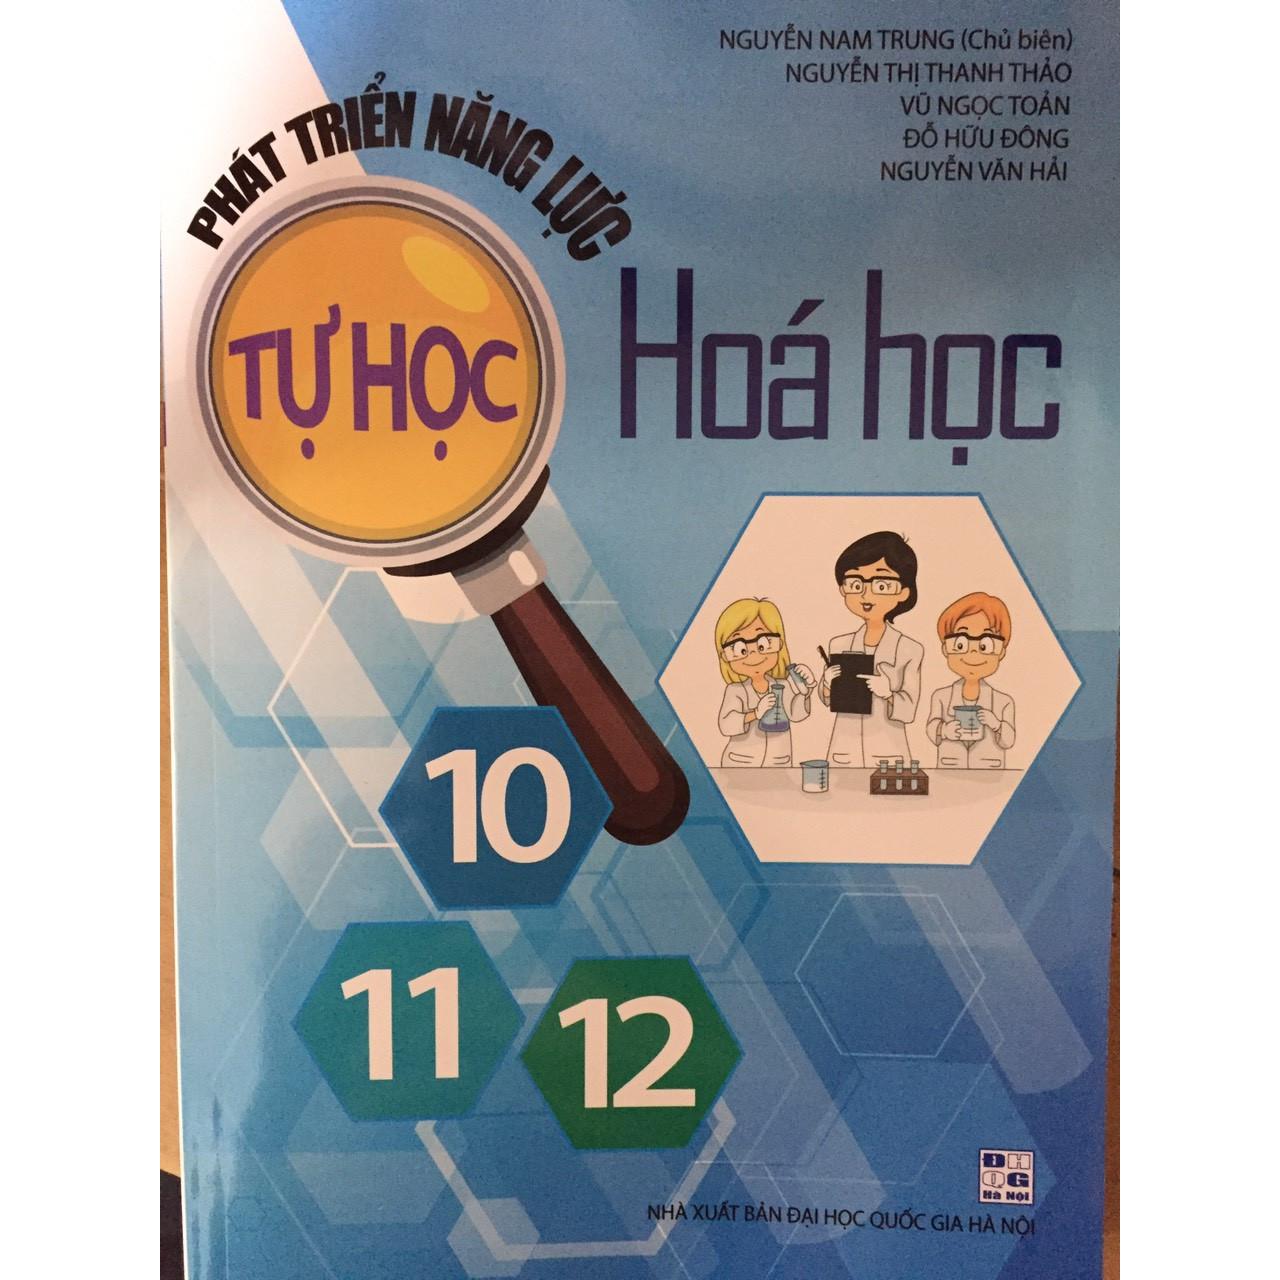 Phát triển năng lực tự học Hóa Học 10-11-12